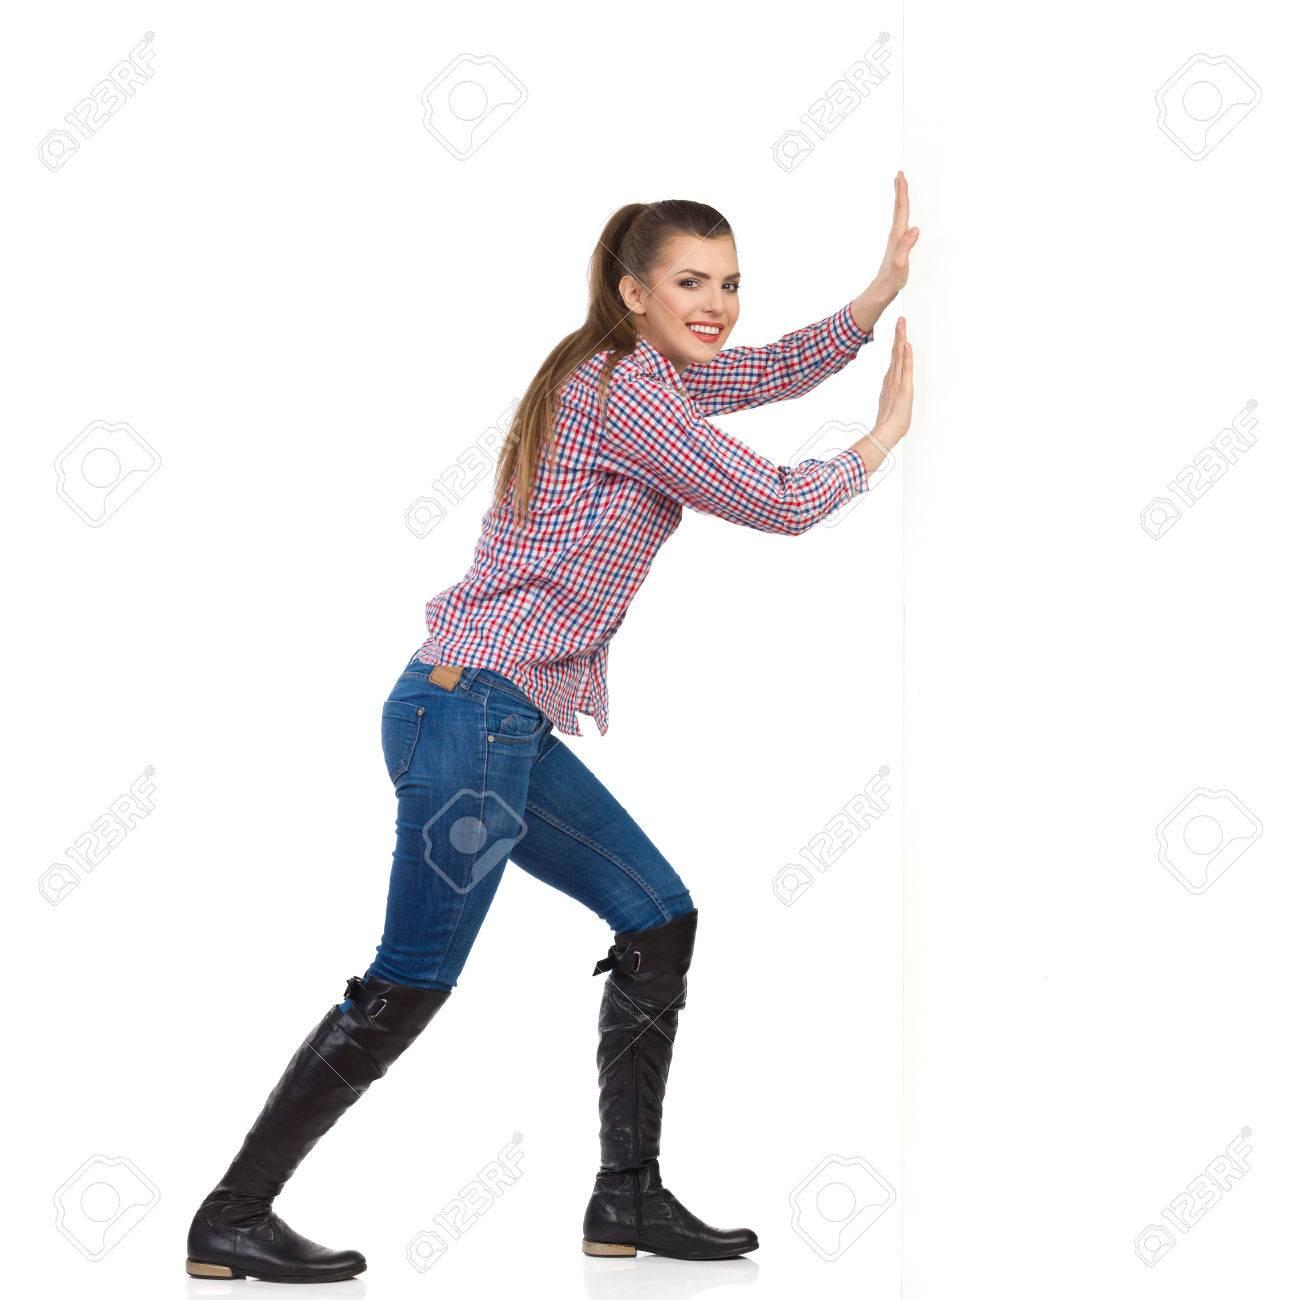 Sonriente mujer joven en pantalones vaqueros, botas negras y camisa de leñador empujando una pared blanca y mirando a la cámara. Vista lateral, tiro